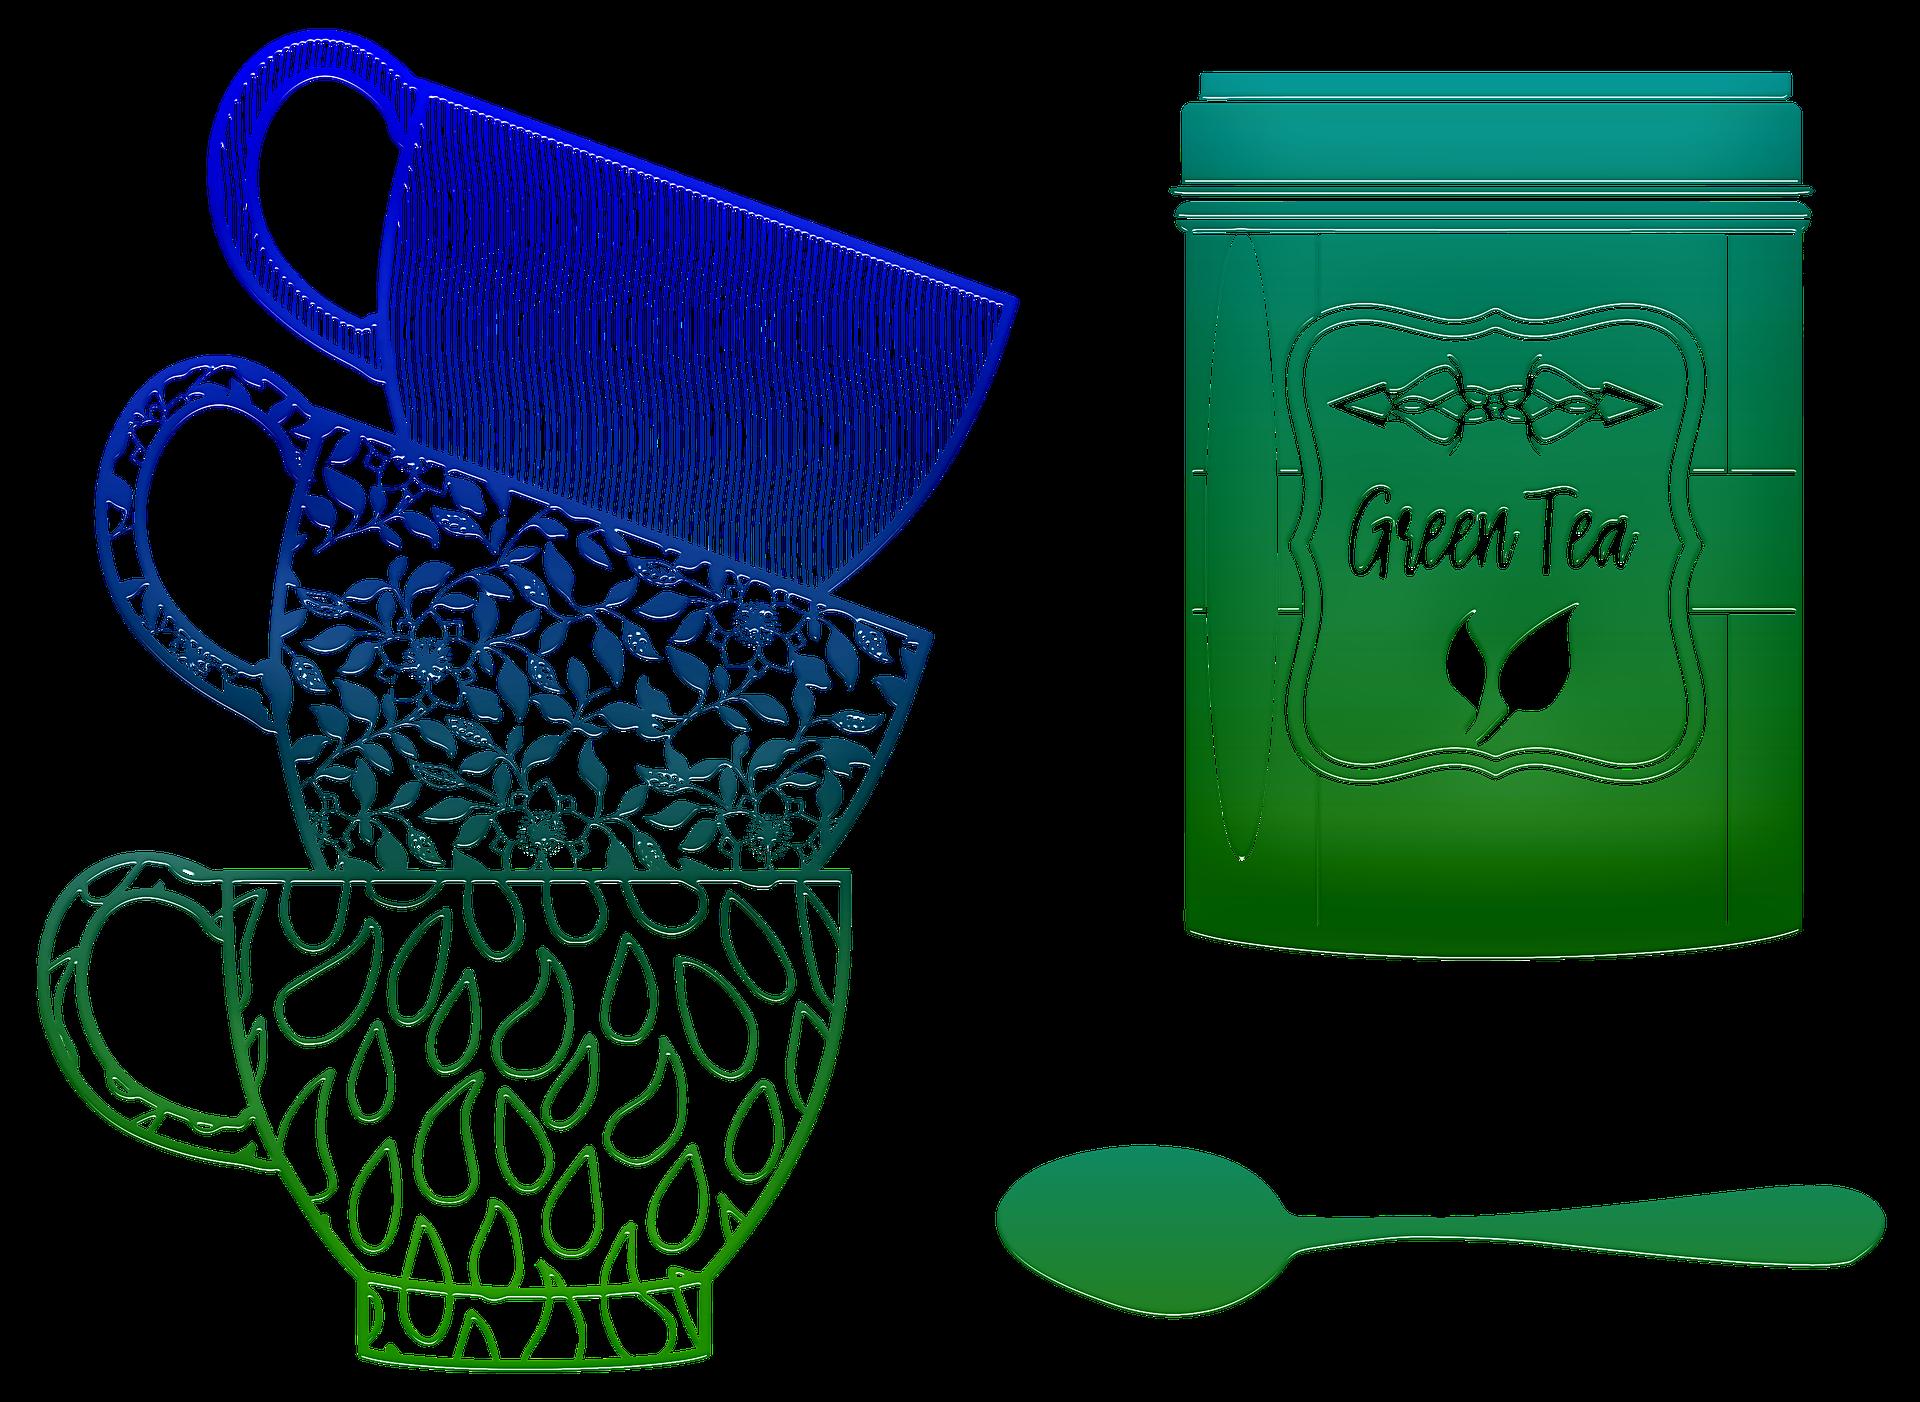 tea-cups-5189443_1920